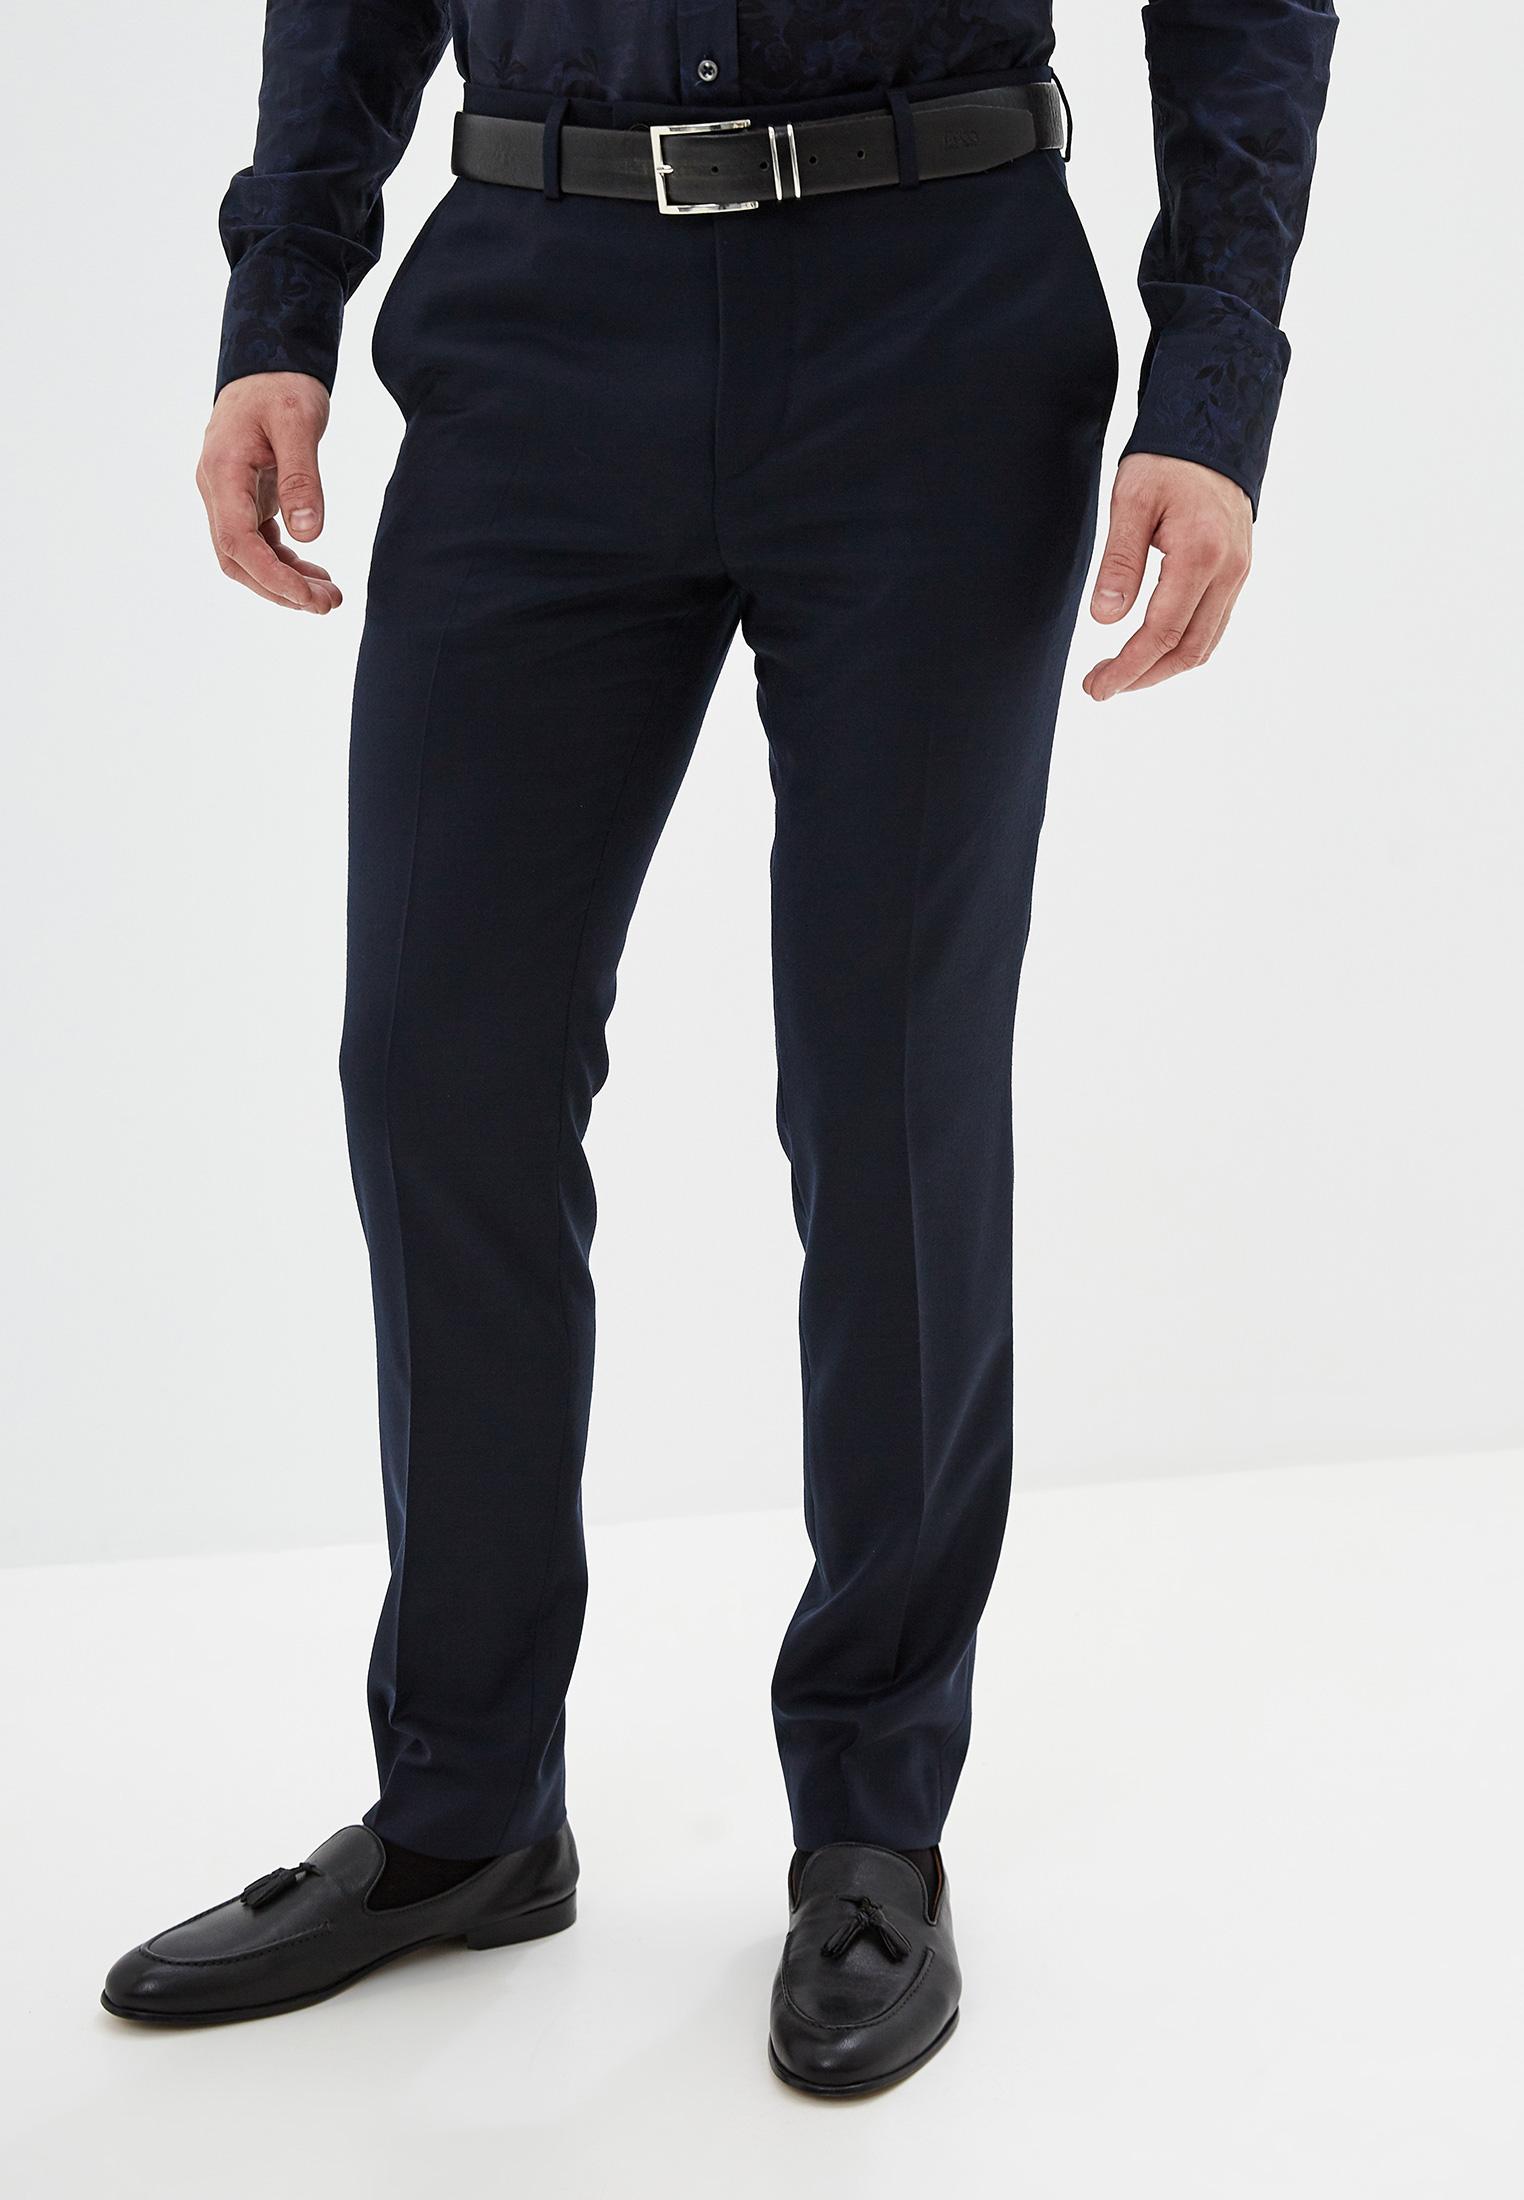 рекламные мужчины в классических брюках фото получения качественного изображения